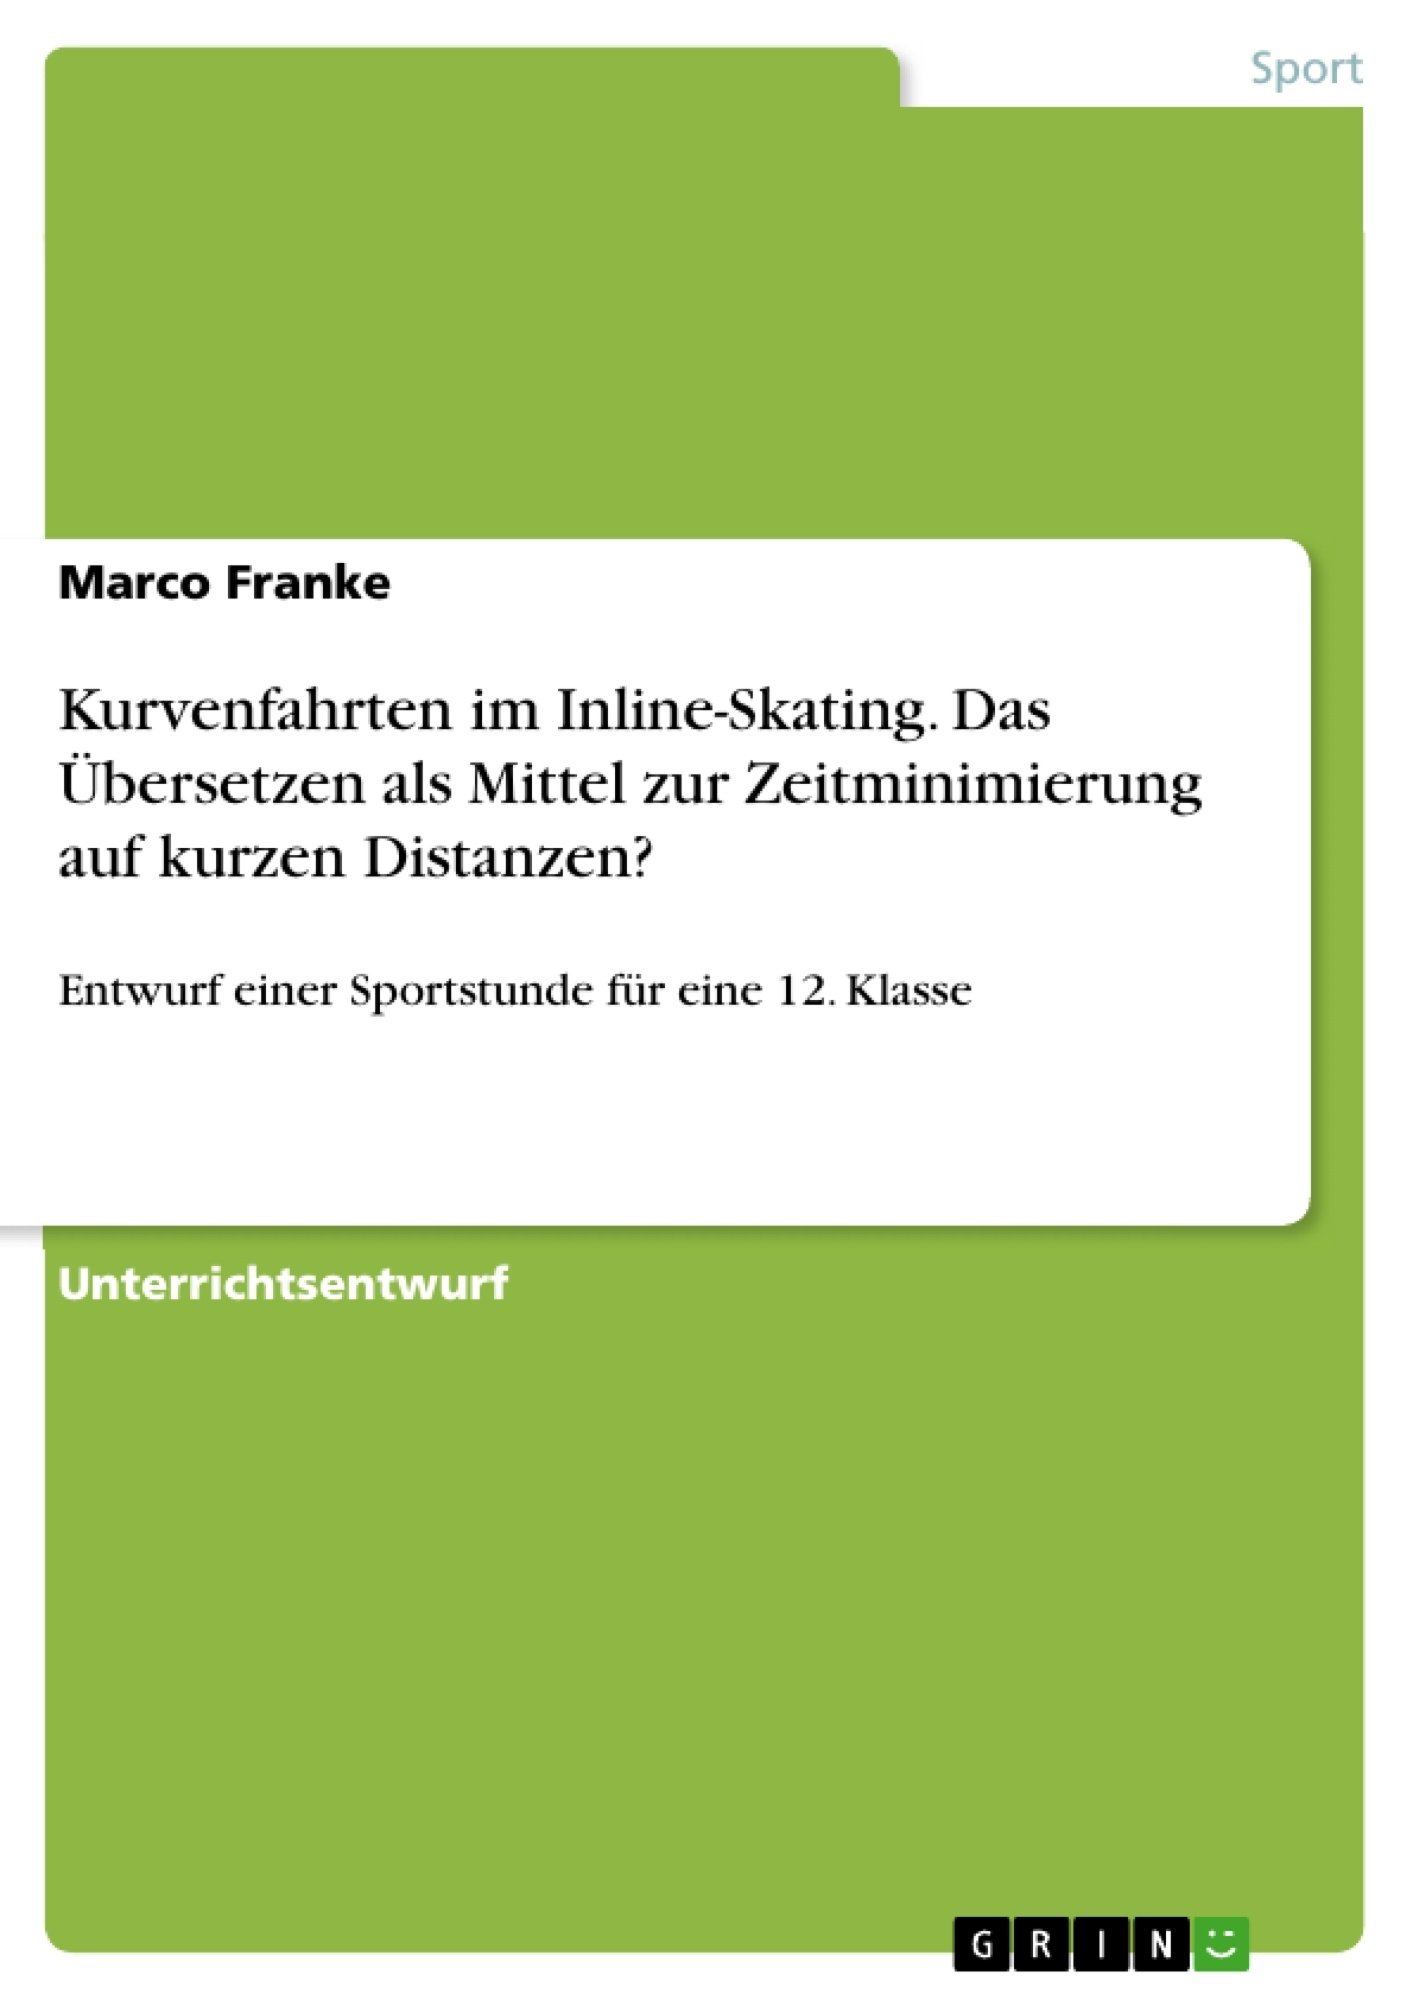 Titel: Kurvenfahrten im Inline-Skating. Das Übersetzen als Mittel zur Zeitminimierung auf kurzen Distanzen?